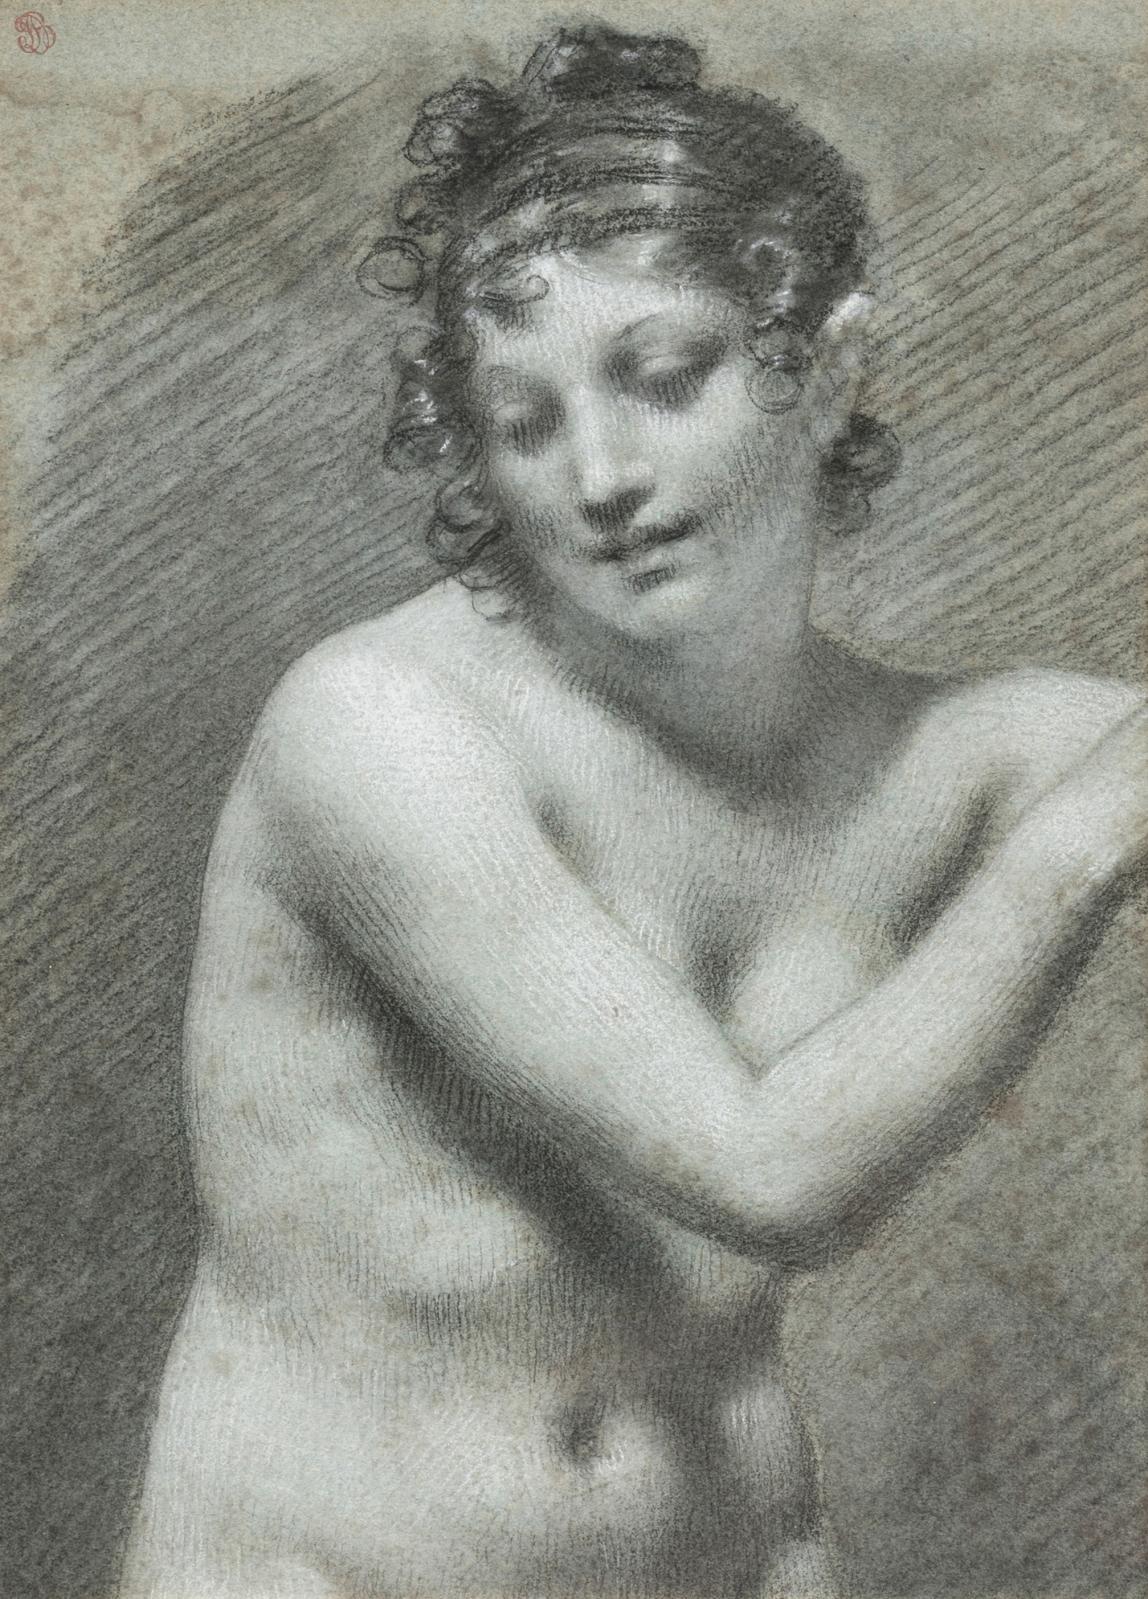 Pierre-Paul Prud'hon (1758-1823), Étude d'après Marguerite, pierre noire et rehauts de blanc sur papier bleu, 24,5?17,5cm. Adjugé: 114